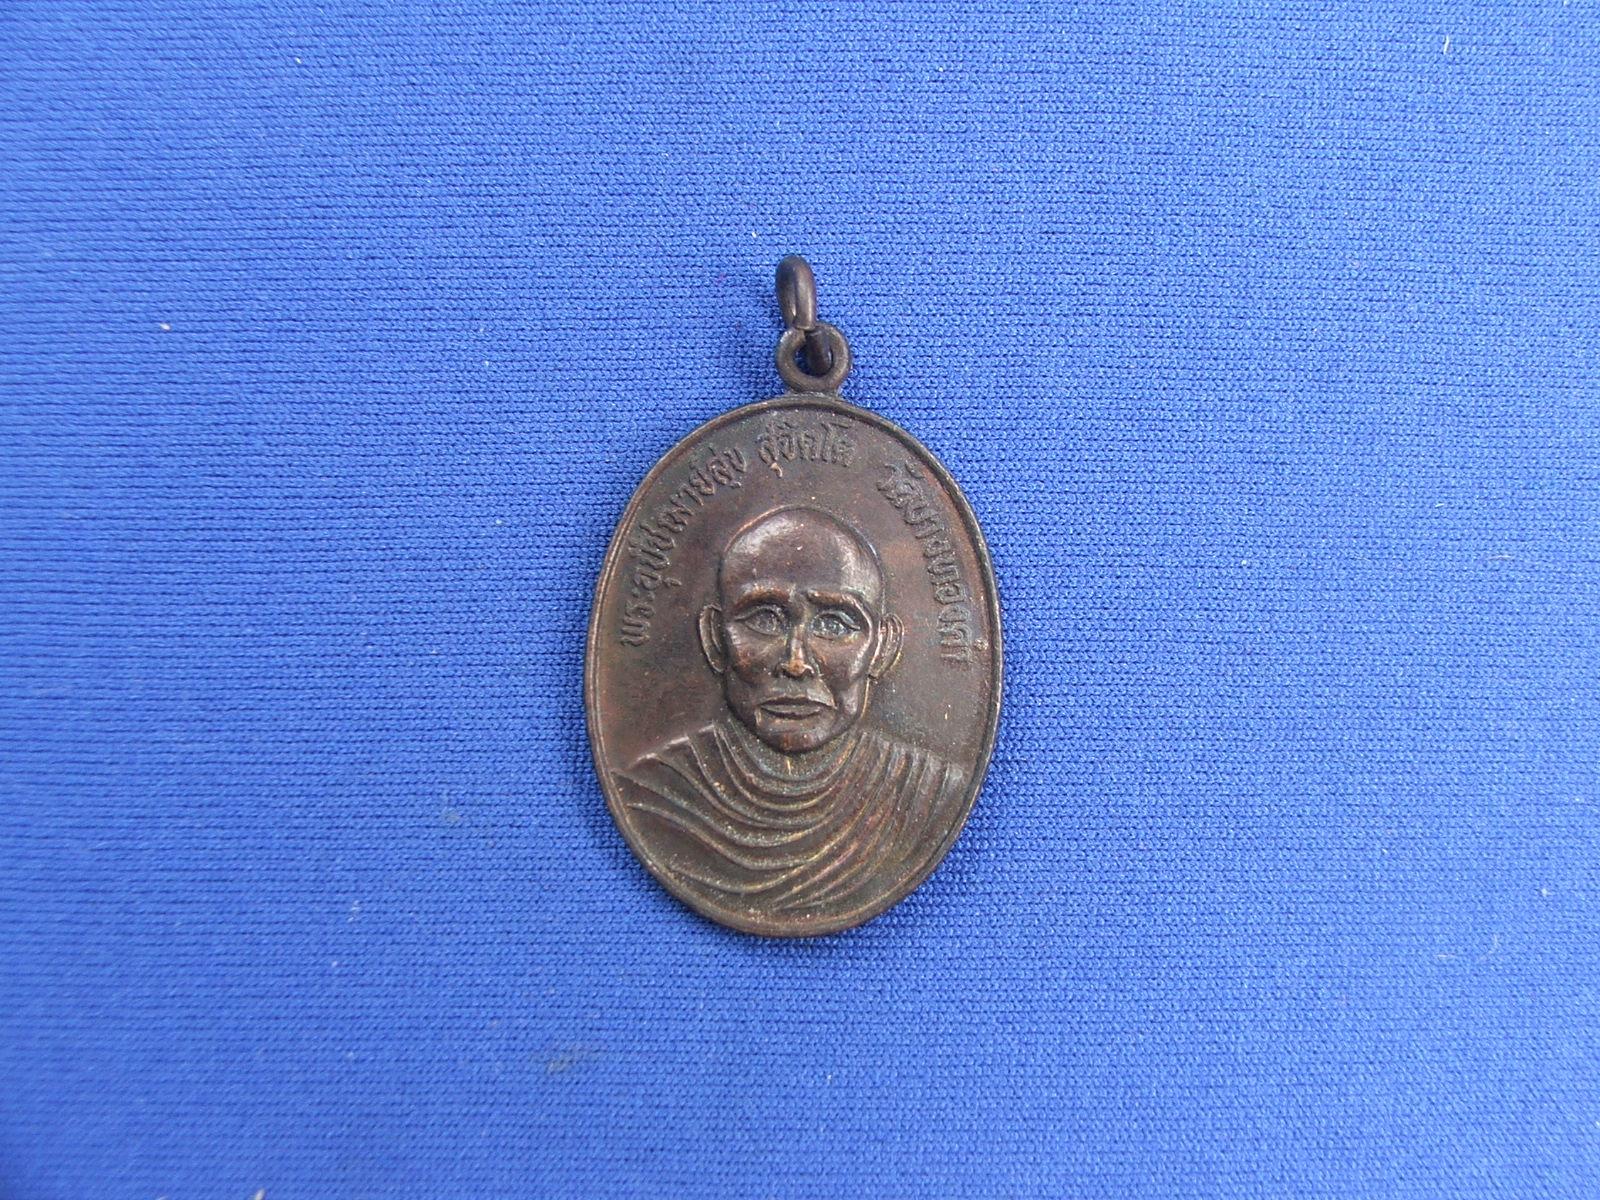 เหรียญพระอุปัชฌาสุข สุจิตโต วัดบางทองคำ